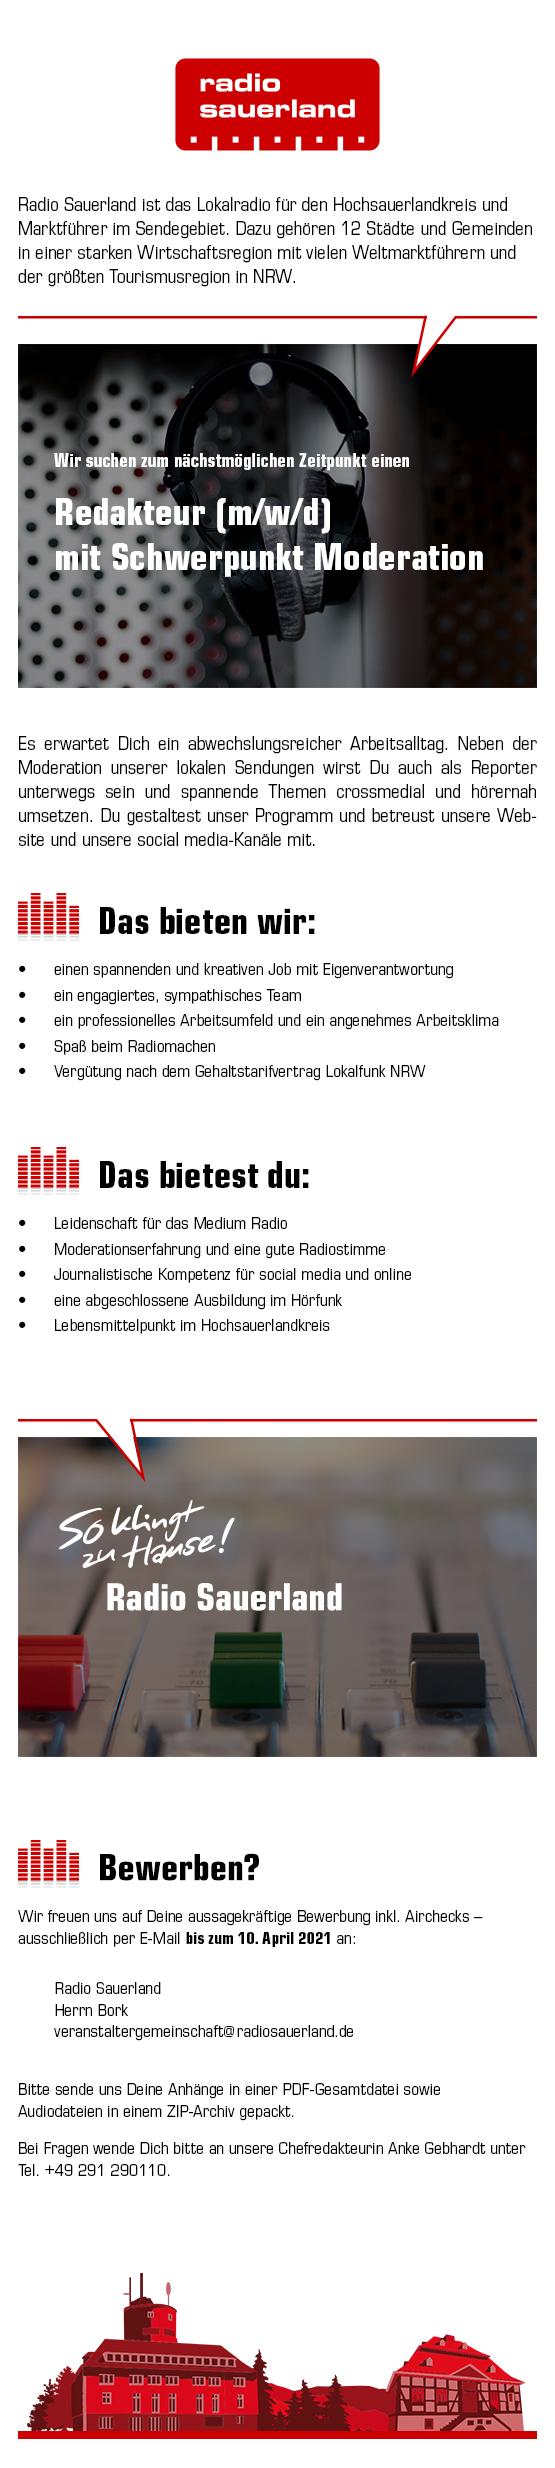 Radio Sauerland sucht Redakteur (m/w/d) mit Schwerpunkt Moderation